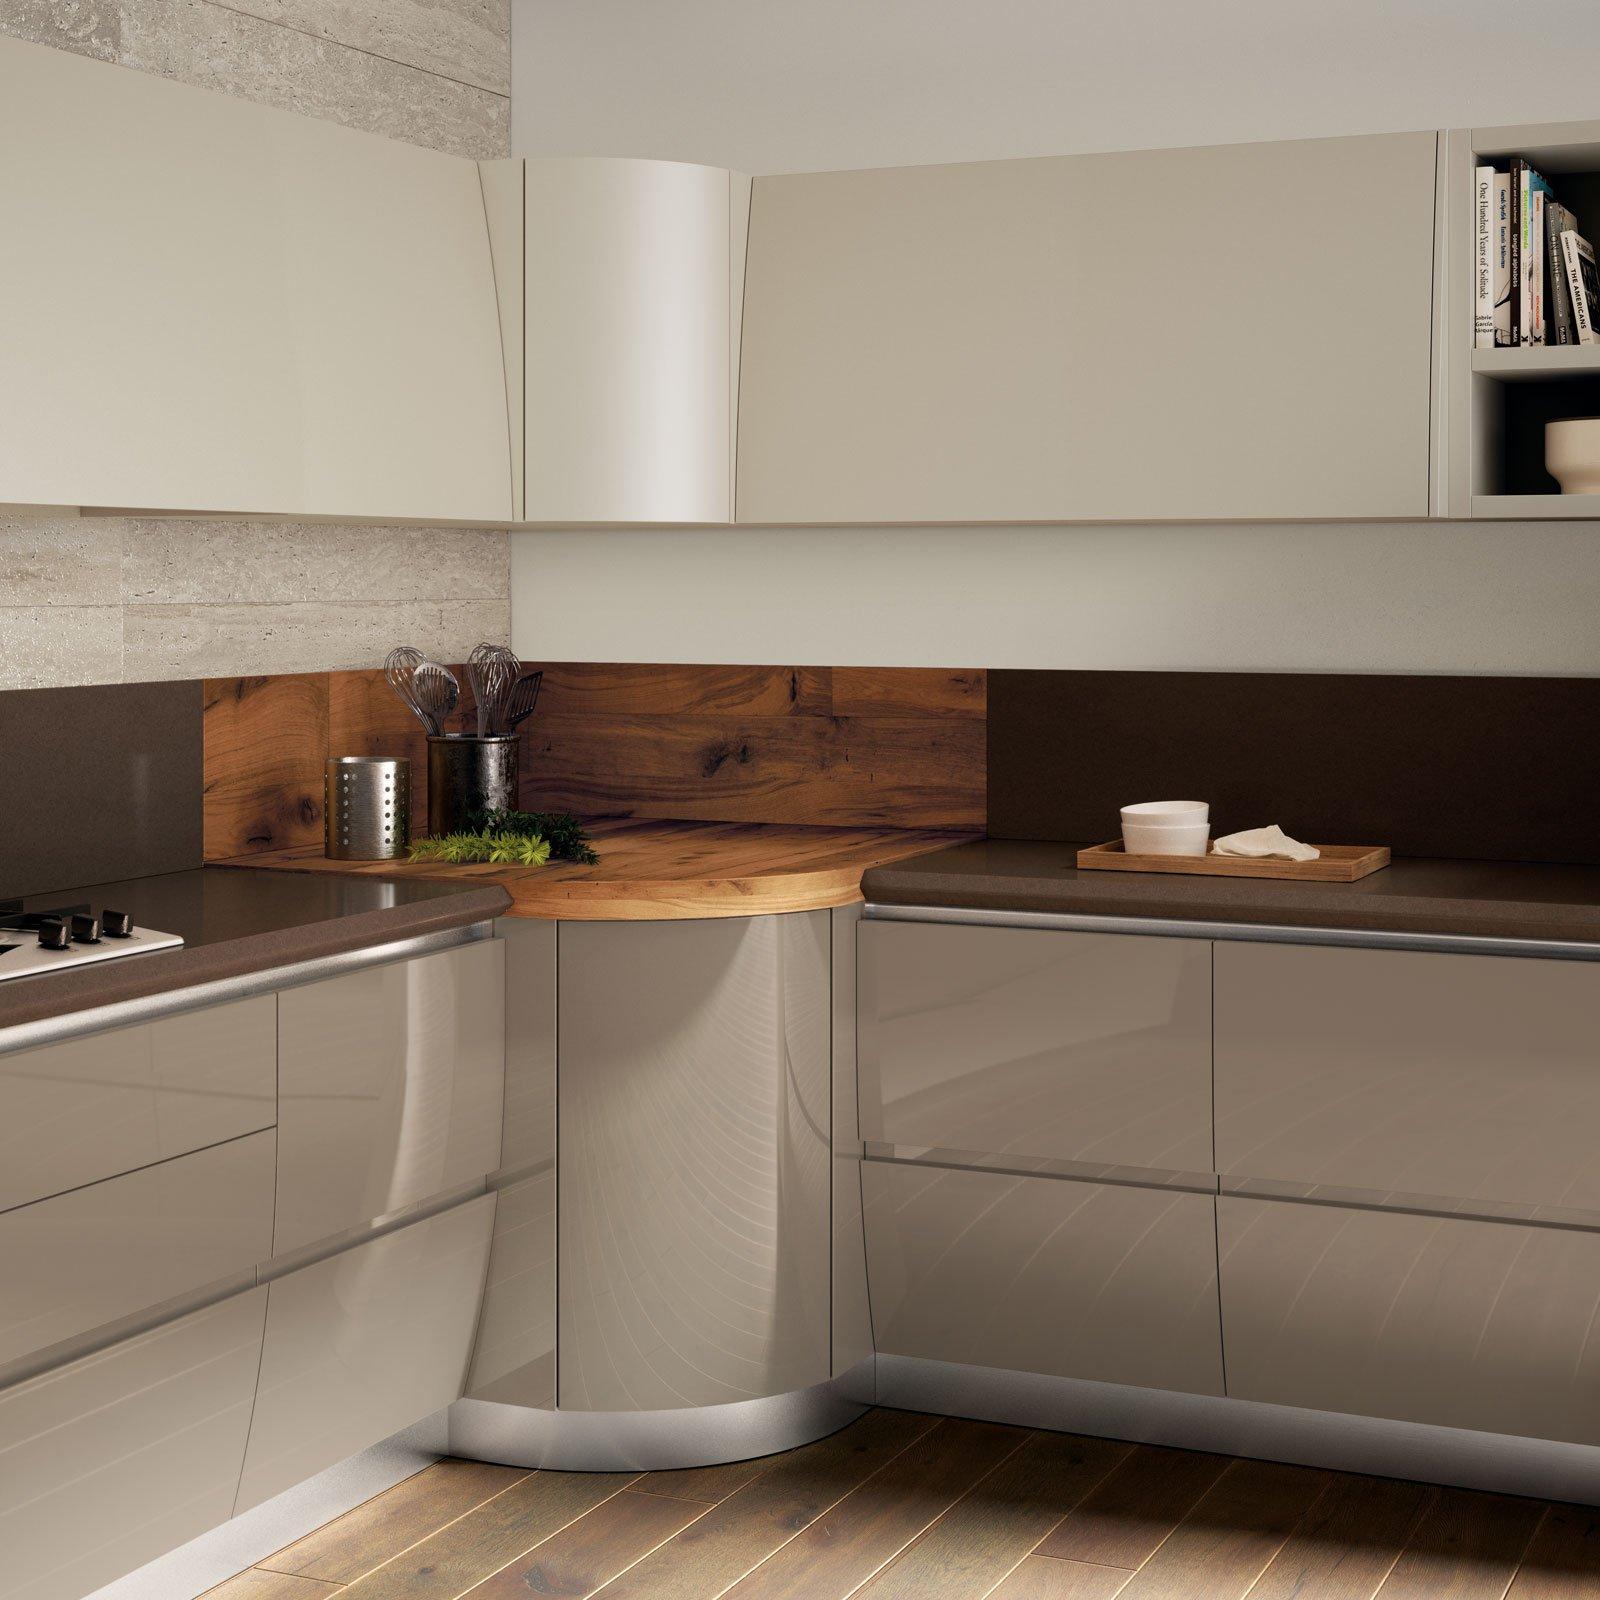 Sfruttare l 39 angolo in cucina cose di casa - Mobile cucina ad angolo ...